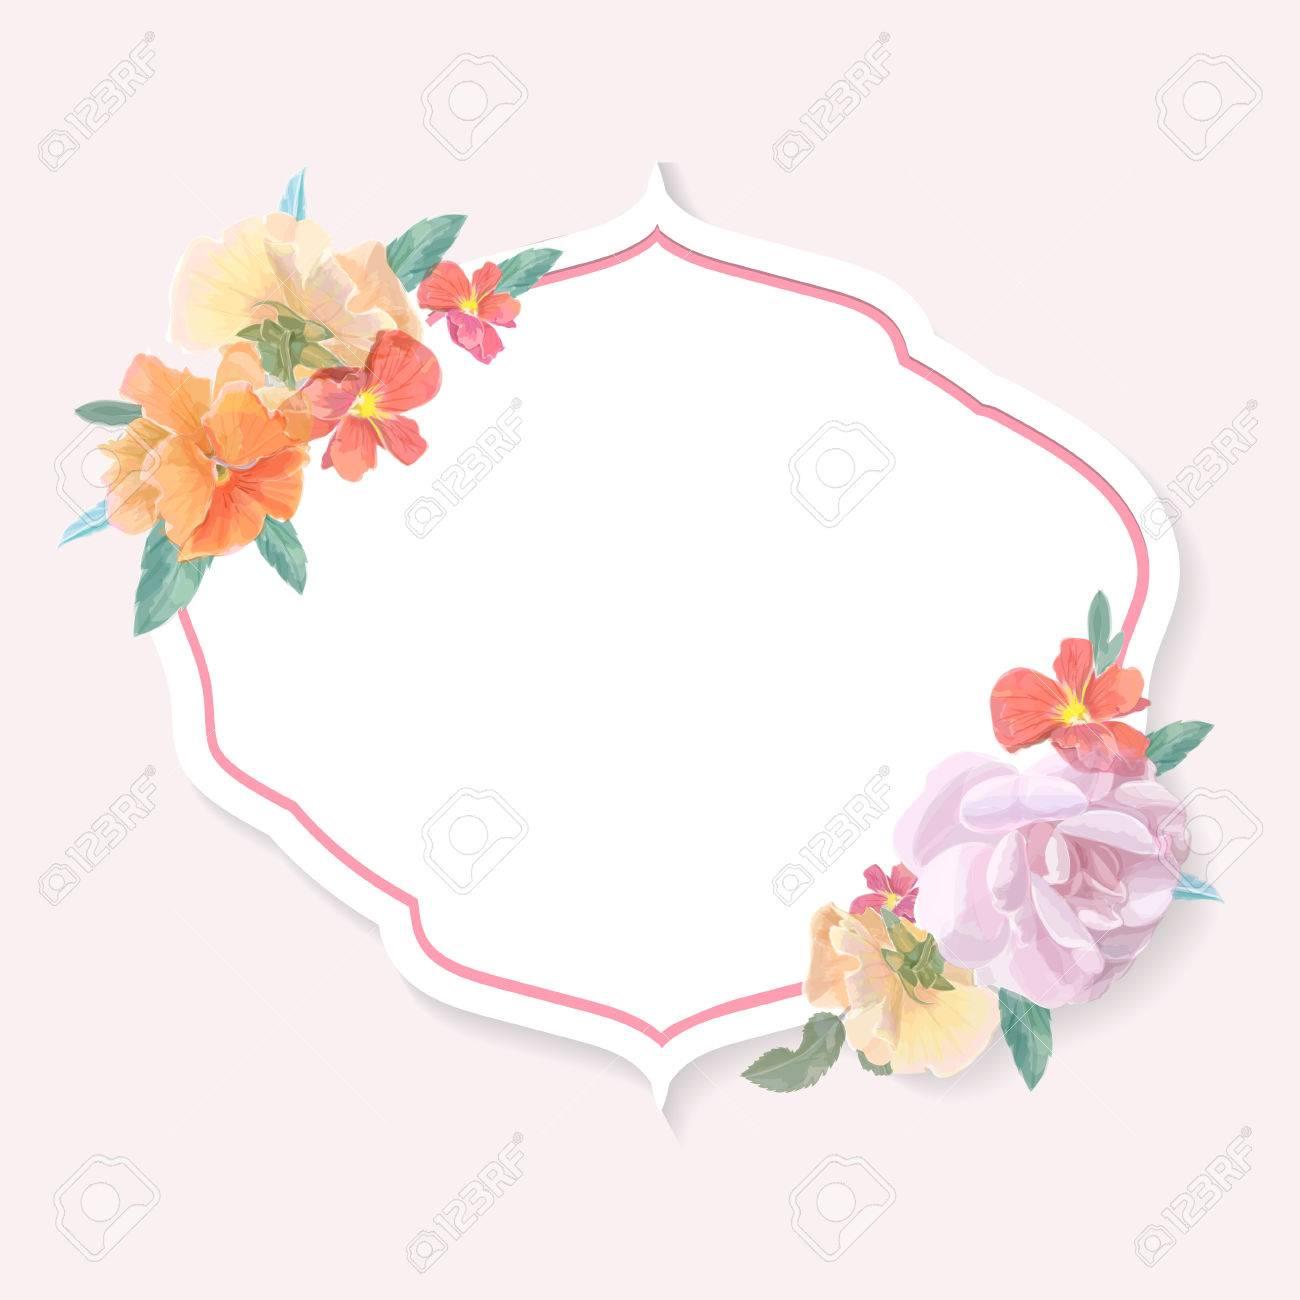 Vintage Grusskarte Mit Bunten Blumen Fur Einladung Oder Hochzeit